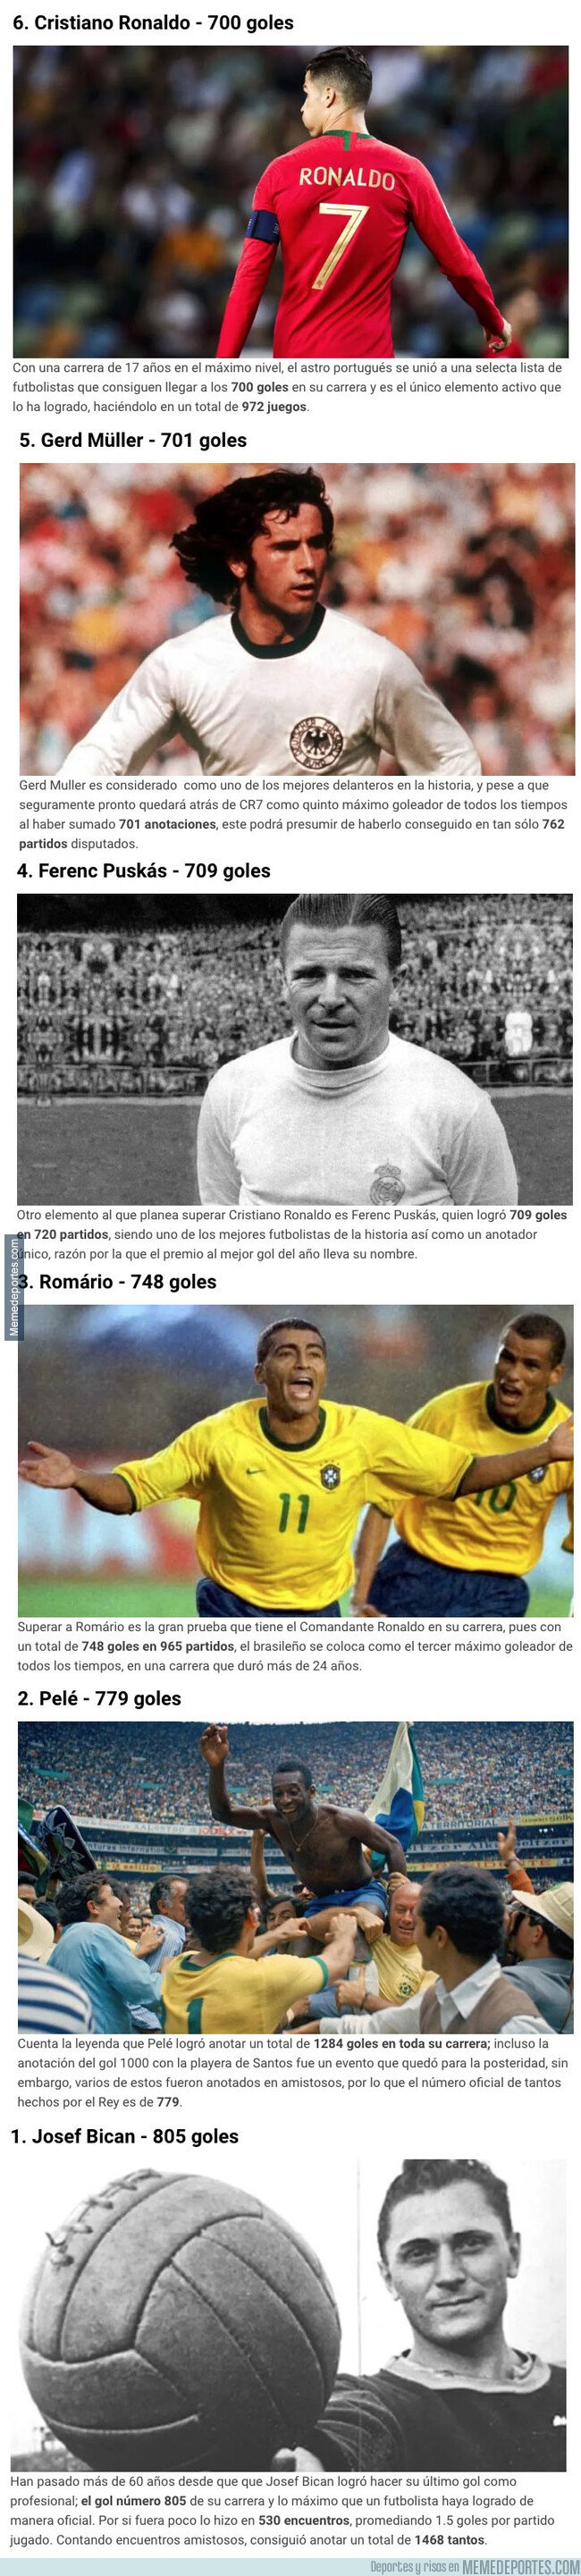 1088586 - Los futbolistas que tienen 700 o más goles en partidos oficiales y que Cristiano todavía tiene por delante